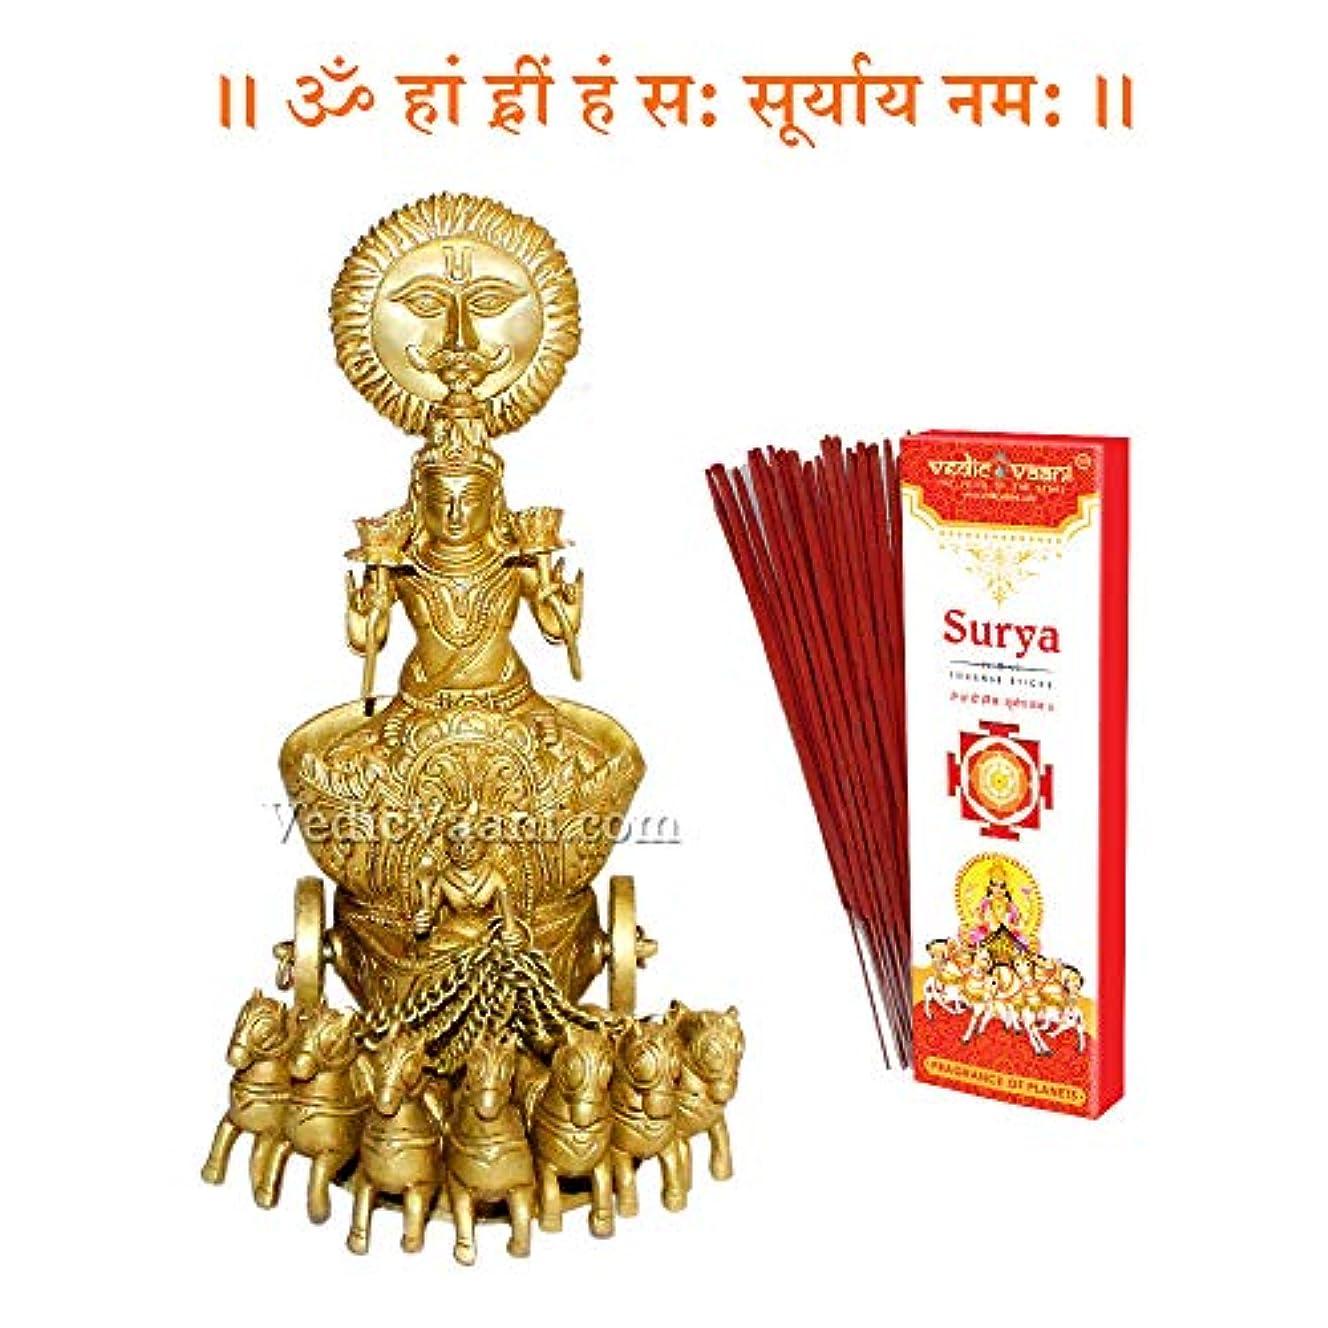 暖炉大使館開拓者Vedic Vaani Surya Dev Idol with Surya お香スティック